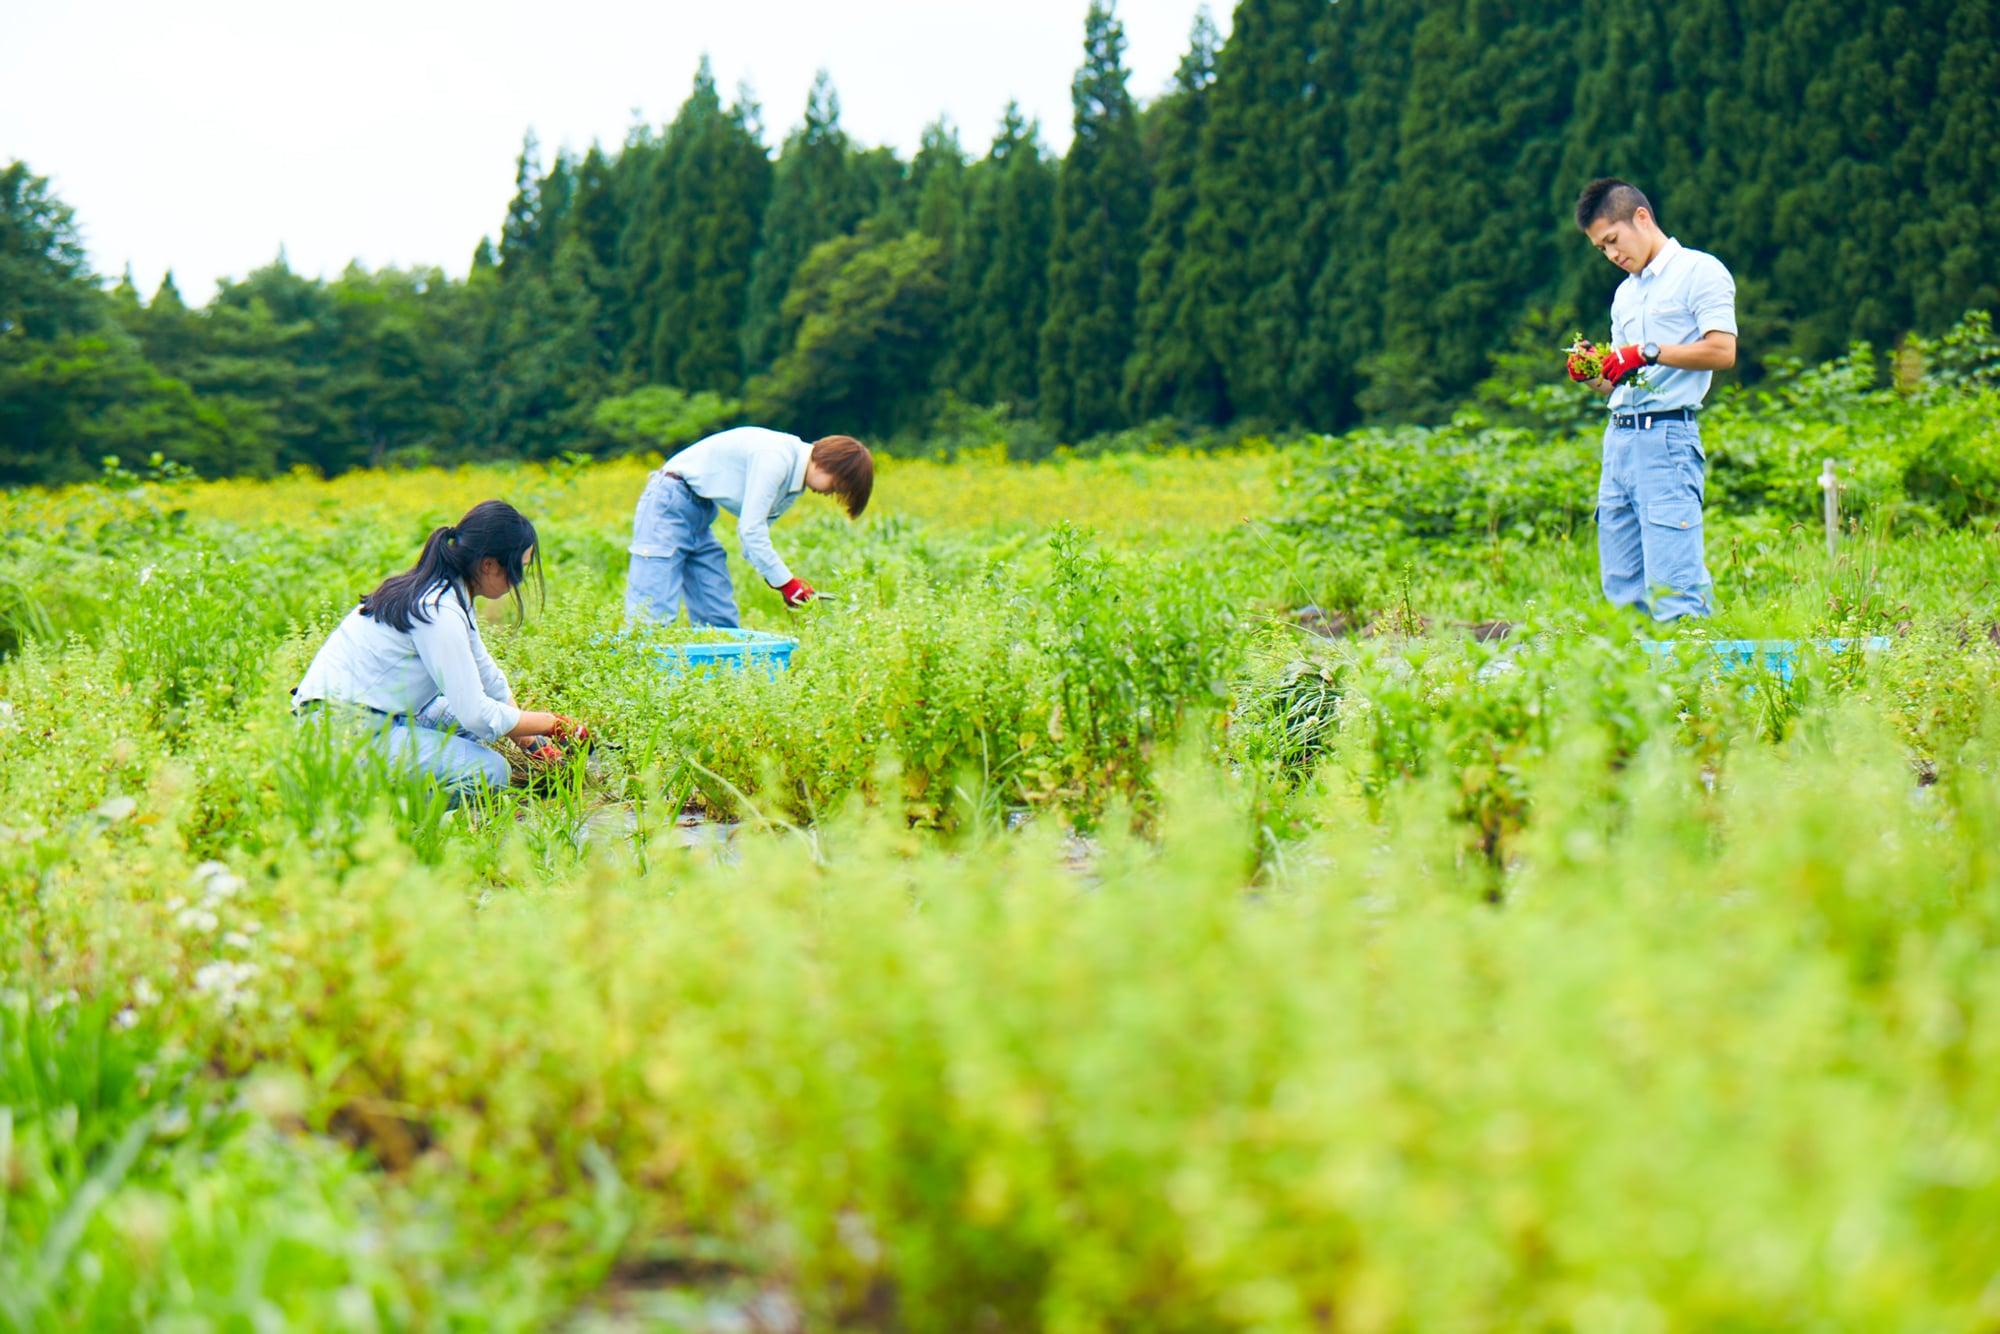 ここで育まれる植物は、すべて無農薬かつ自然の条件を生かした独自の手法で栽培される。トレーサビリティ(生産地・流通経路の明確化)を実現し、2018年には有機JAS認証も取得している。